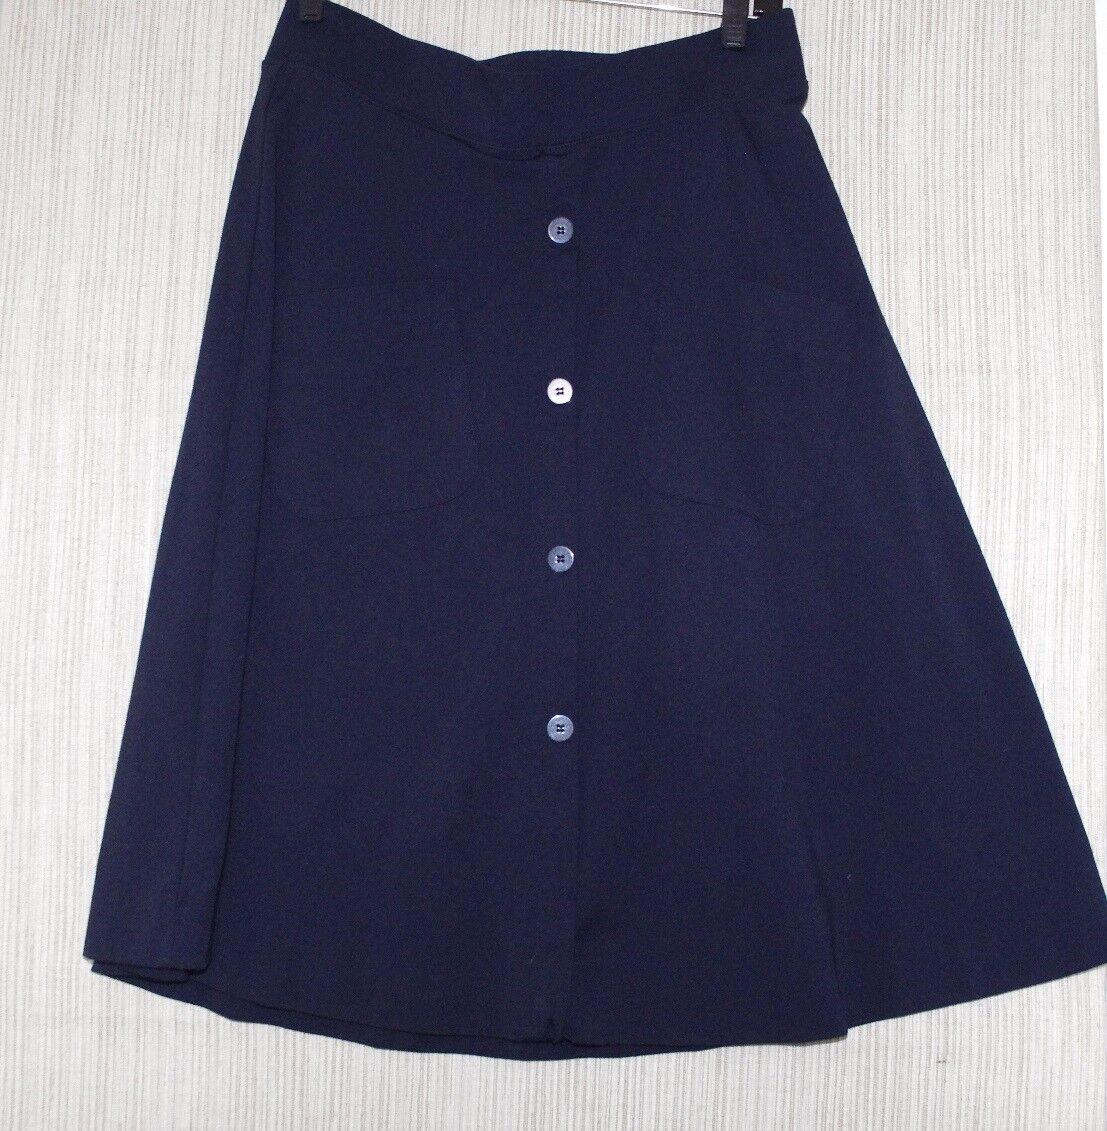 KOCCA New York Navy Blau Viscose Nylon A-line Pockets Knee-length Rock Größe M